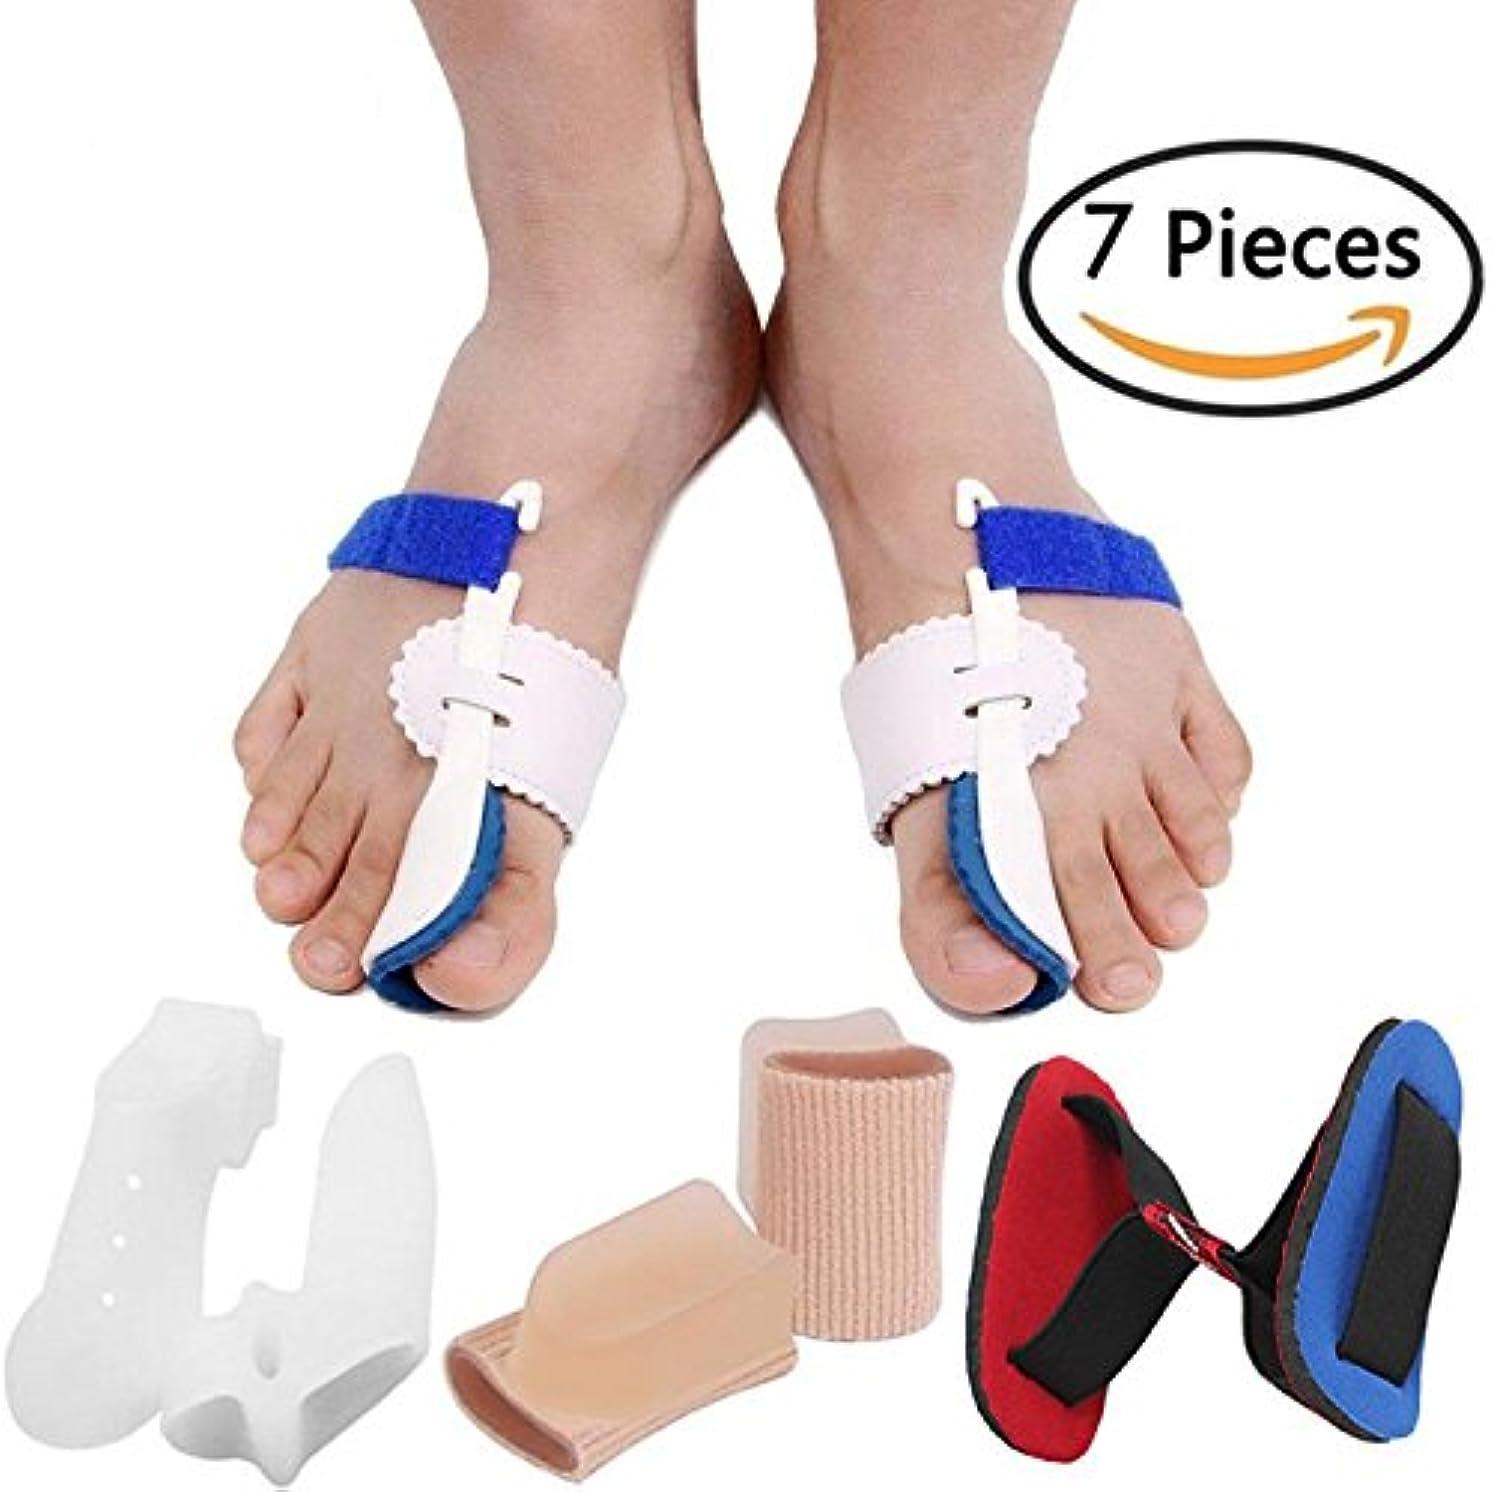 入手しますボート上Bunion Corrector Bunion Relief Protector Sleeves Kit, Big Toe Corrector Straightener Separator Treat Pain in Hallux...